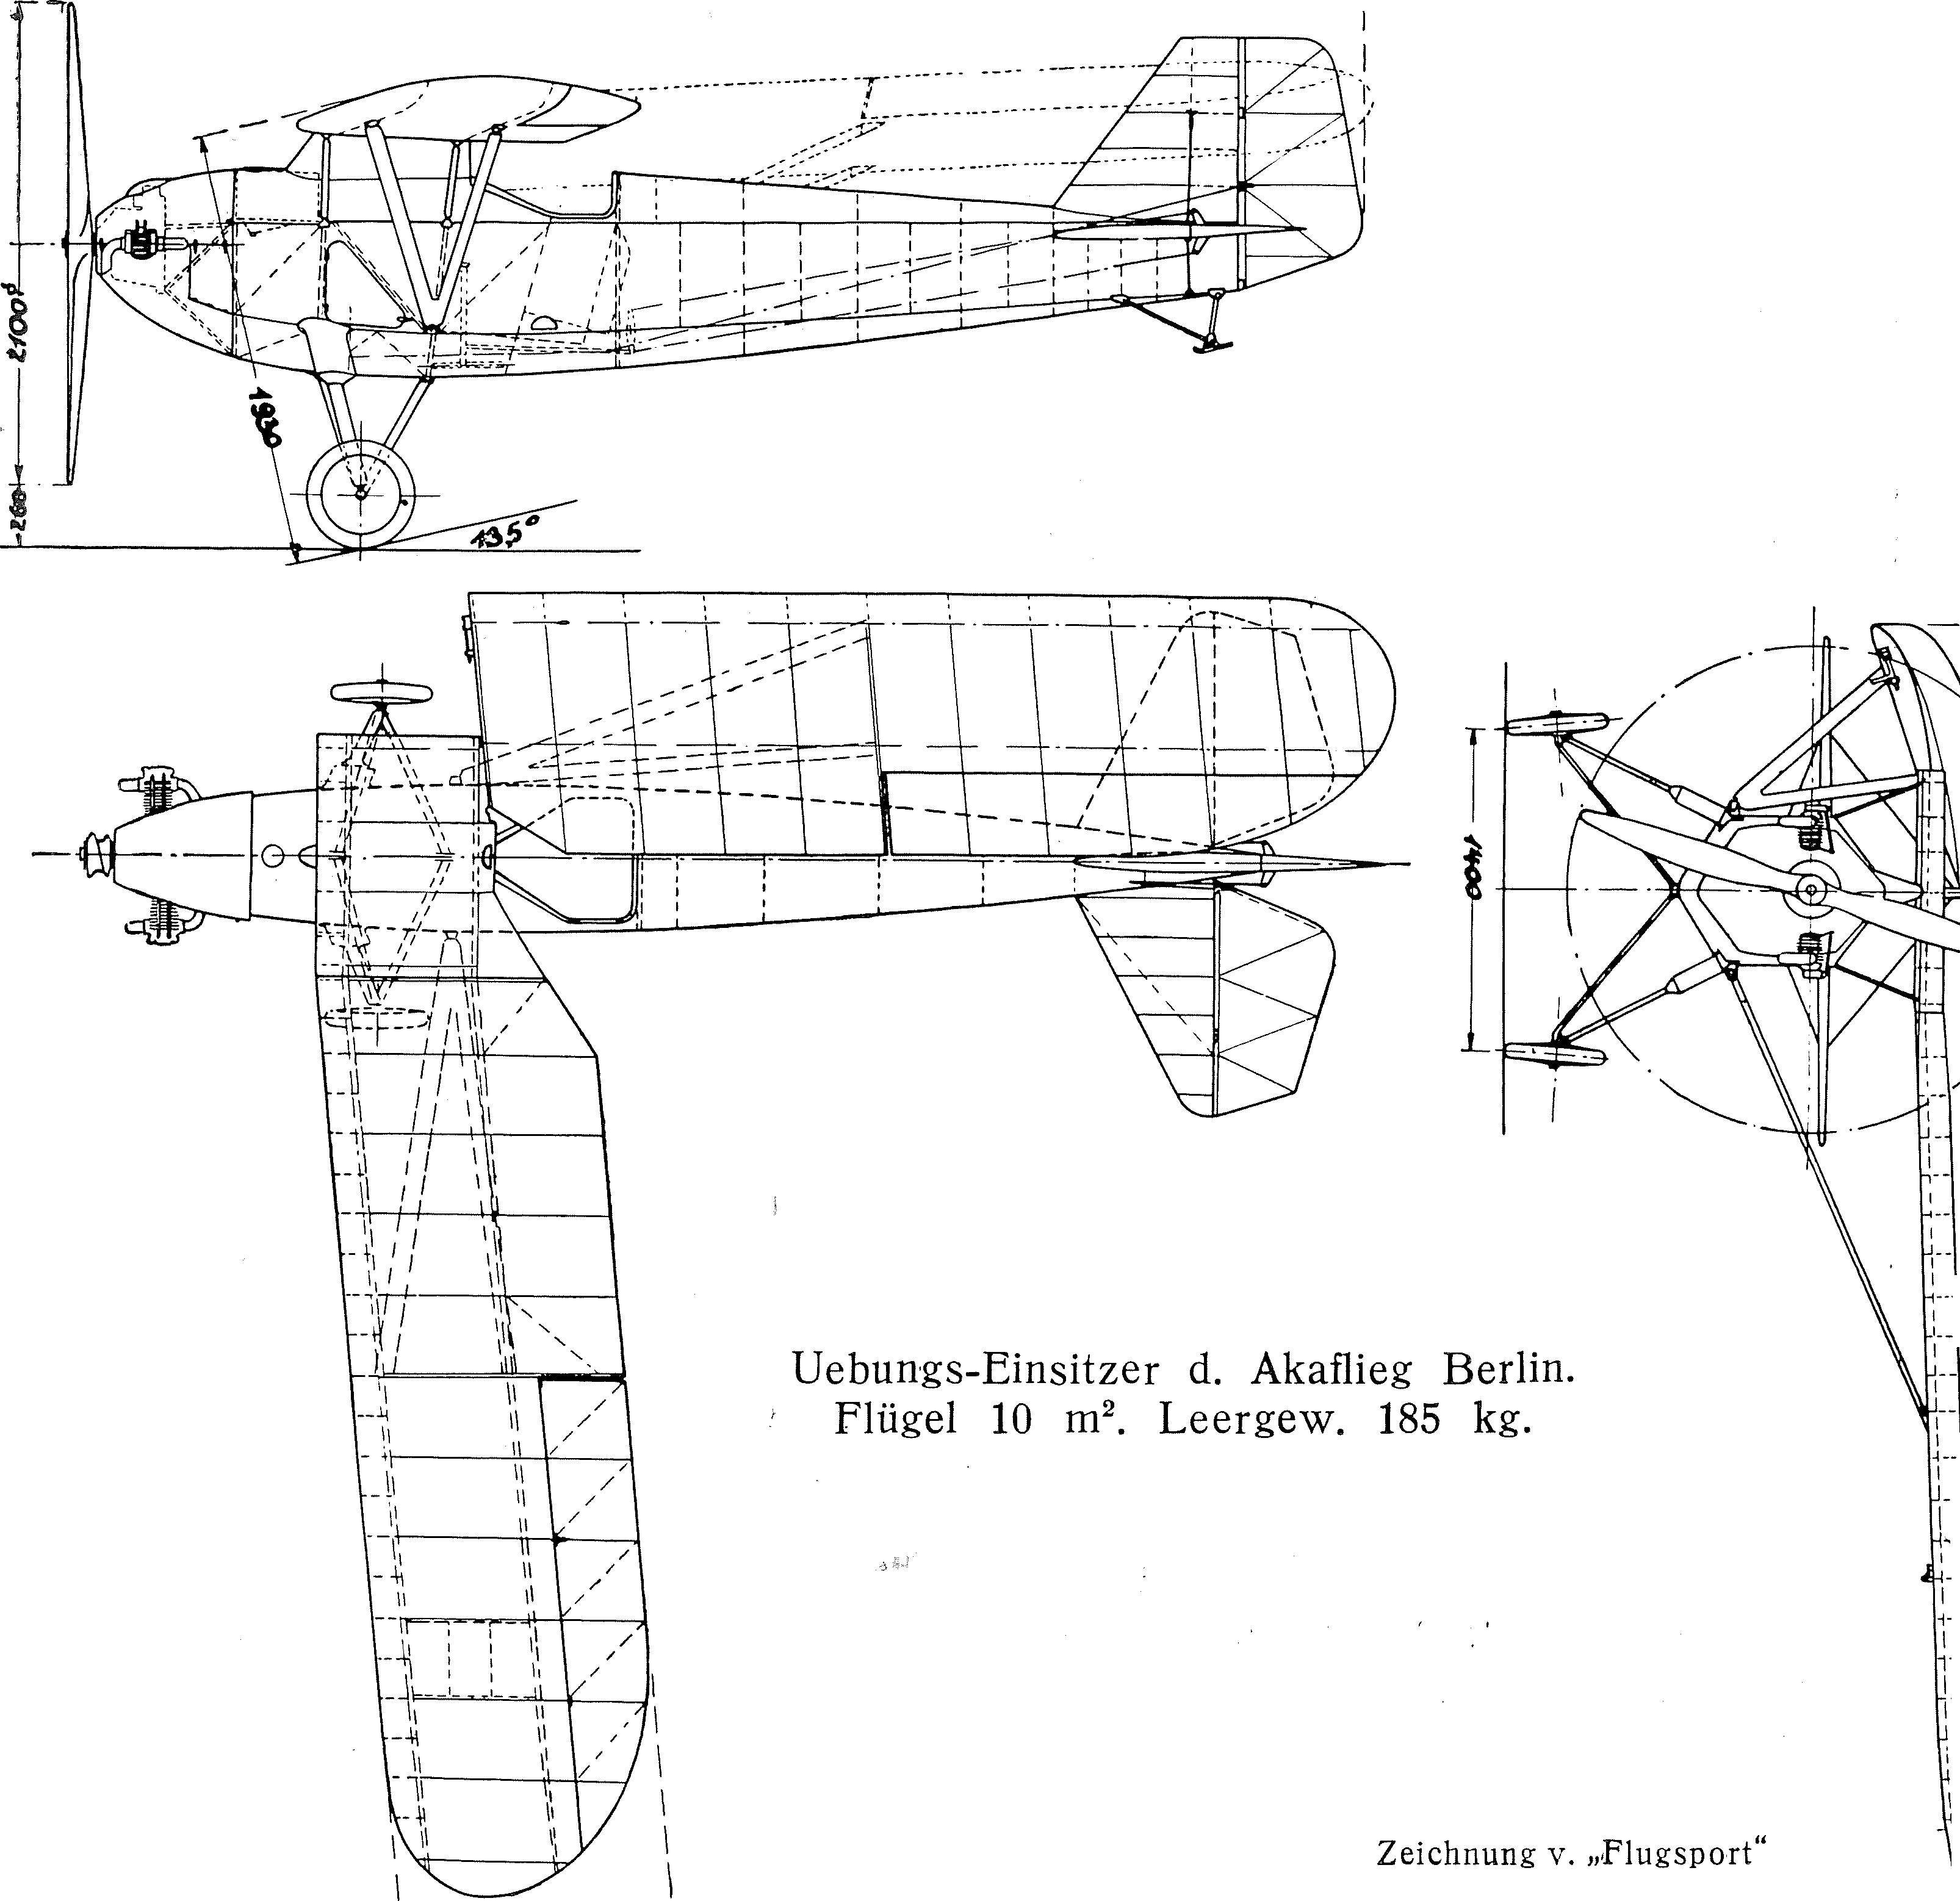 Segelflug, Motorflug und Modellflug sowie Luftfahrt und Luftverkehr im Deutschen Reich (Weimarer Republik) im Jahre 1932